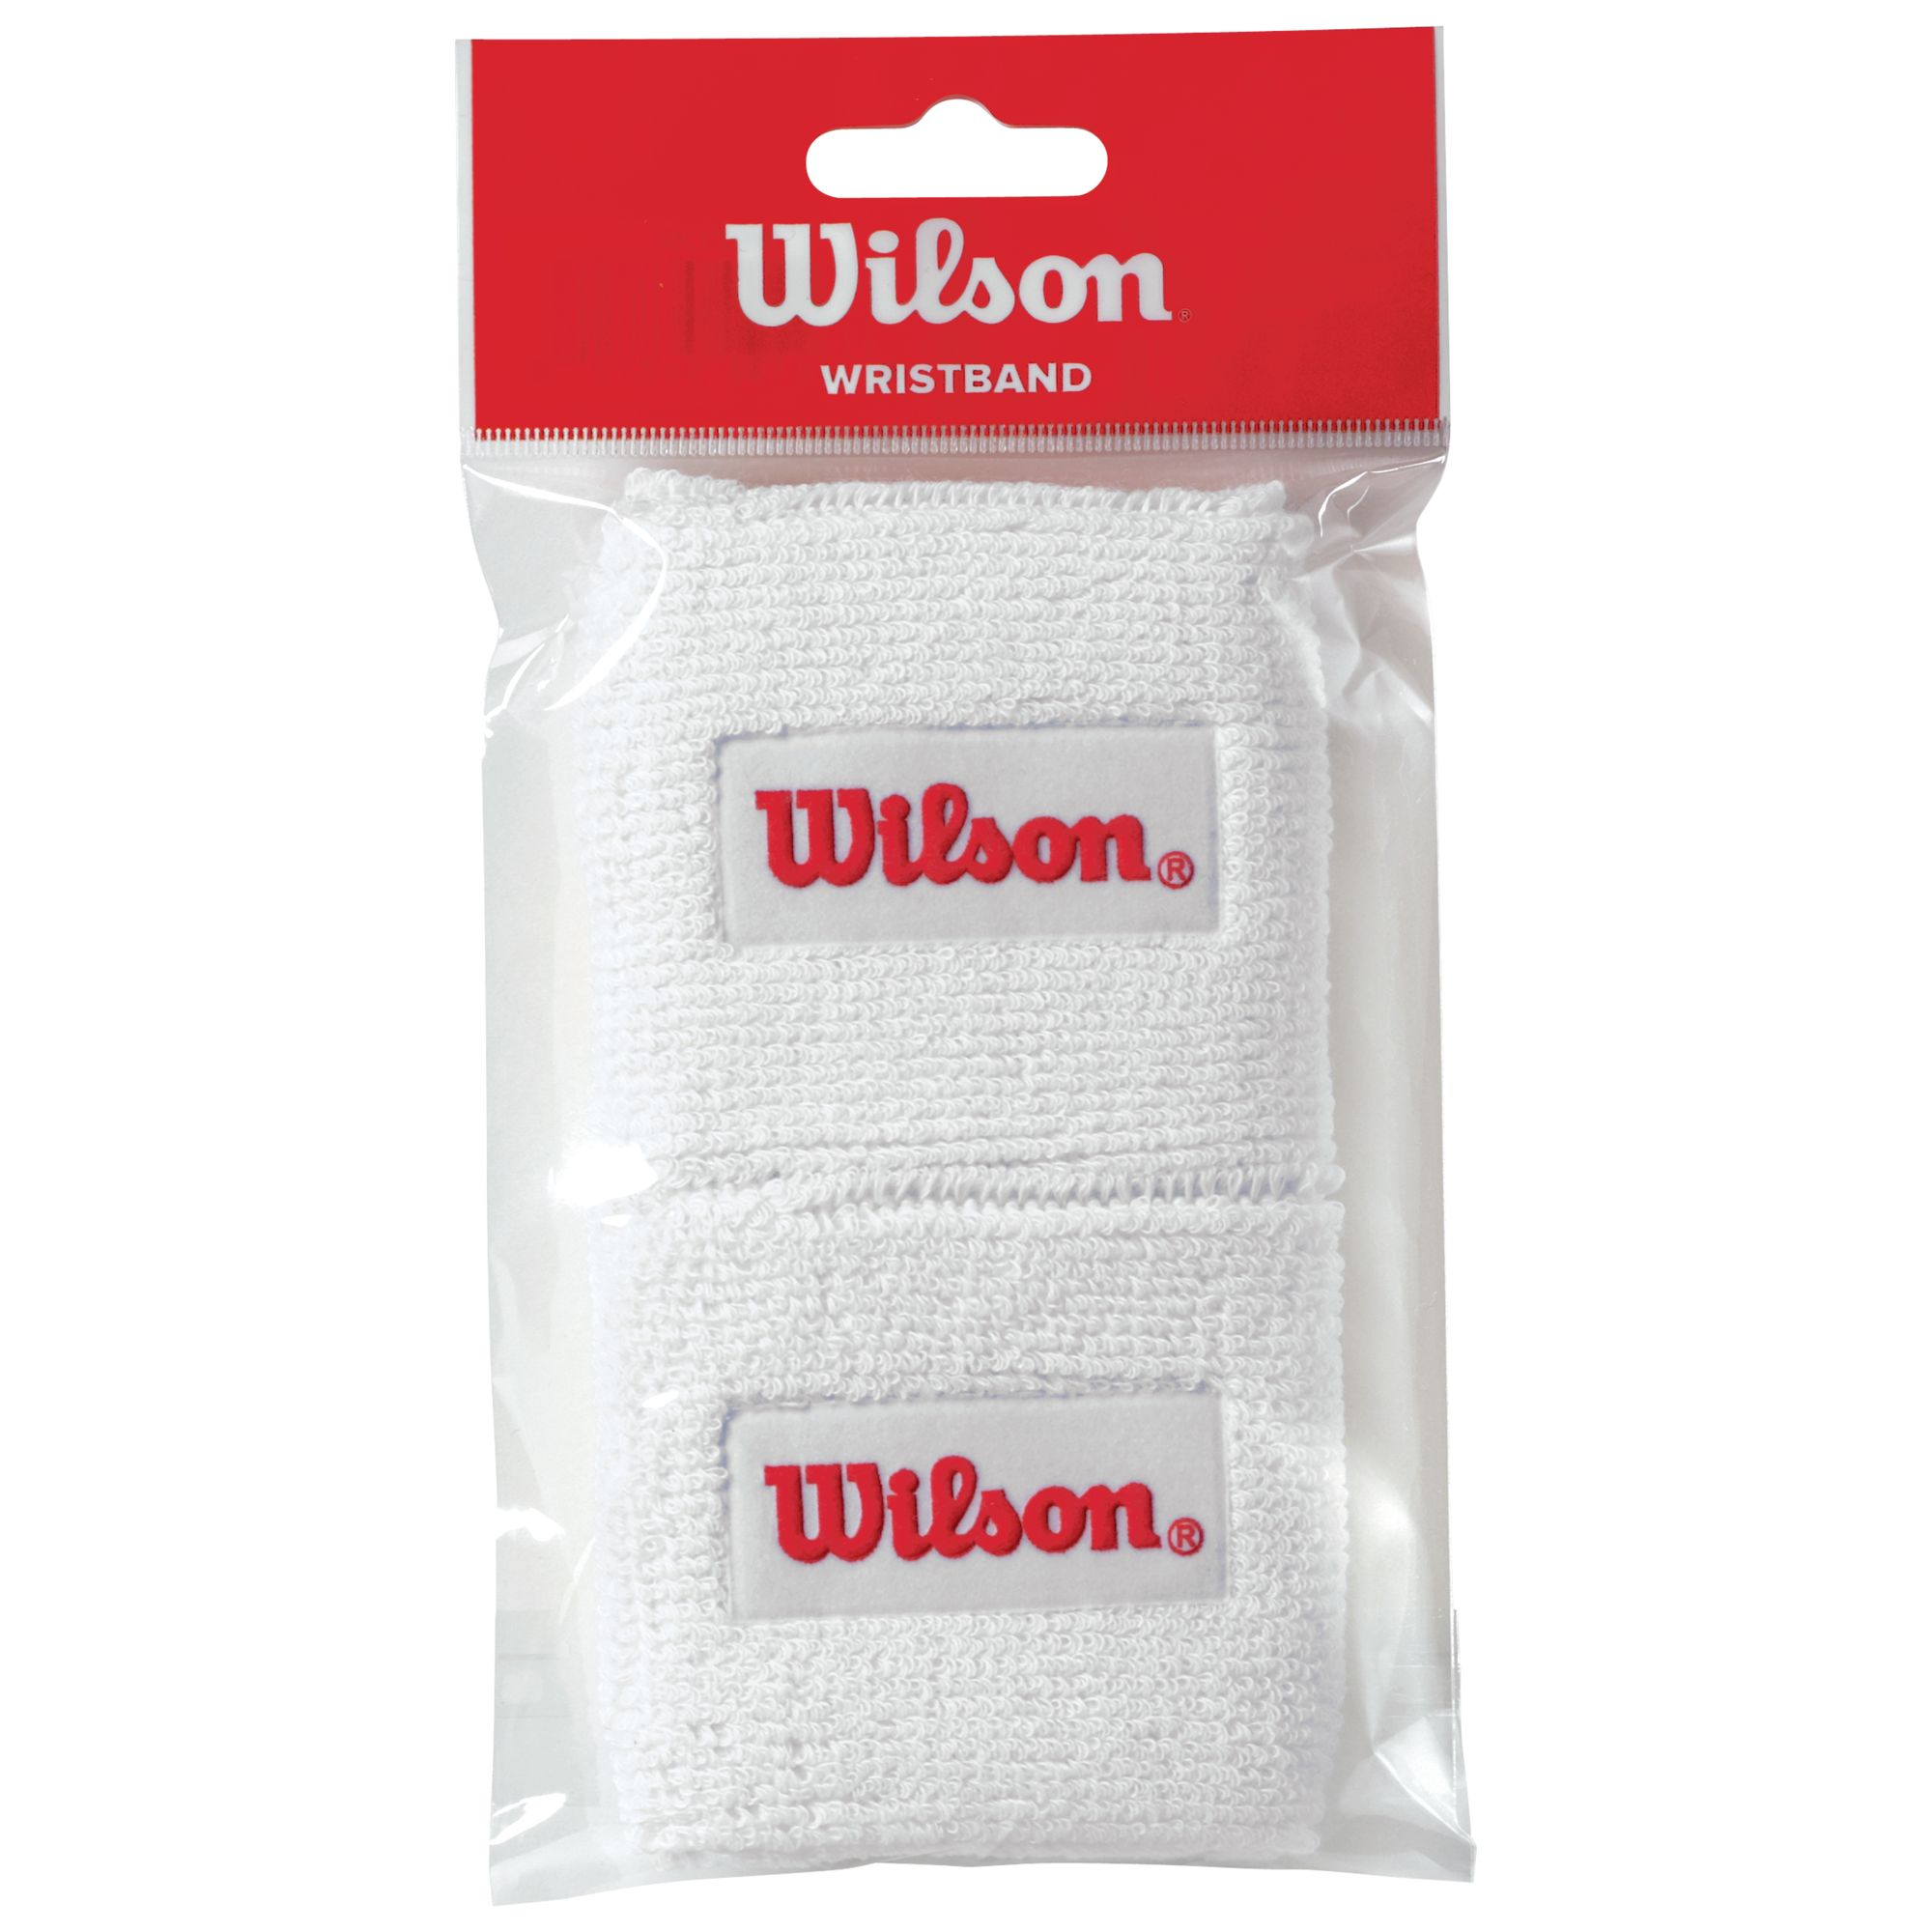 Wilson Wilson Tennis Wristband, Pack of 2, White